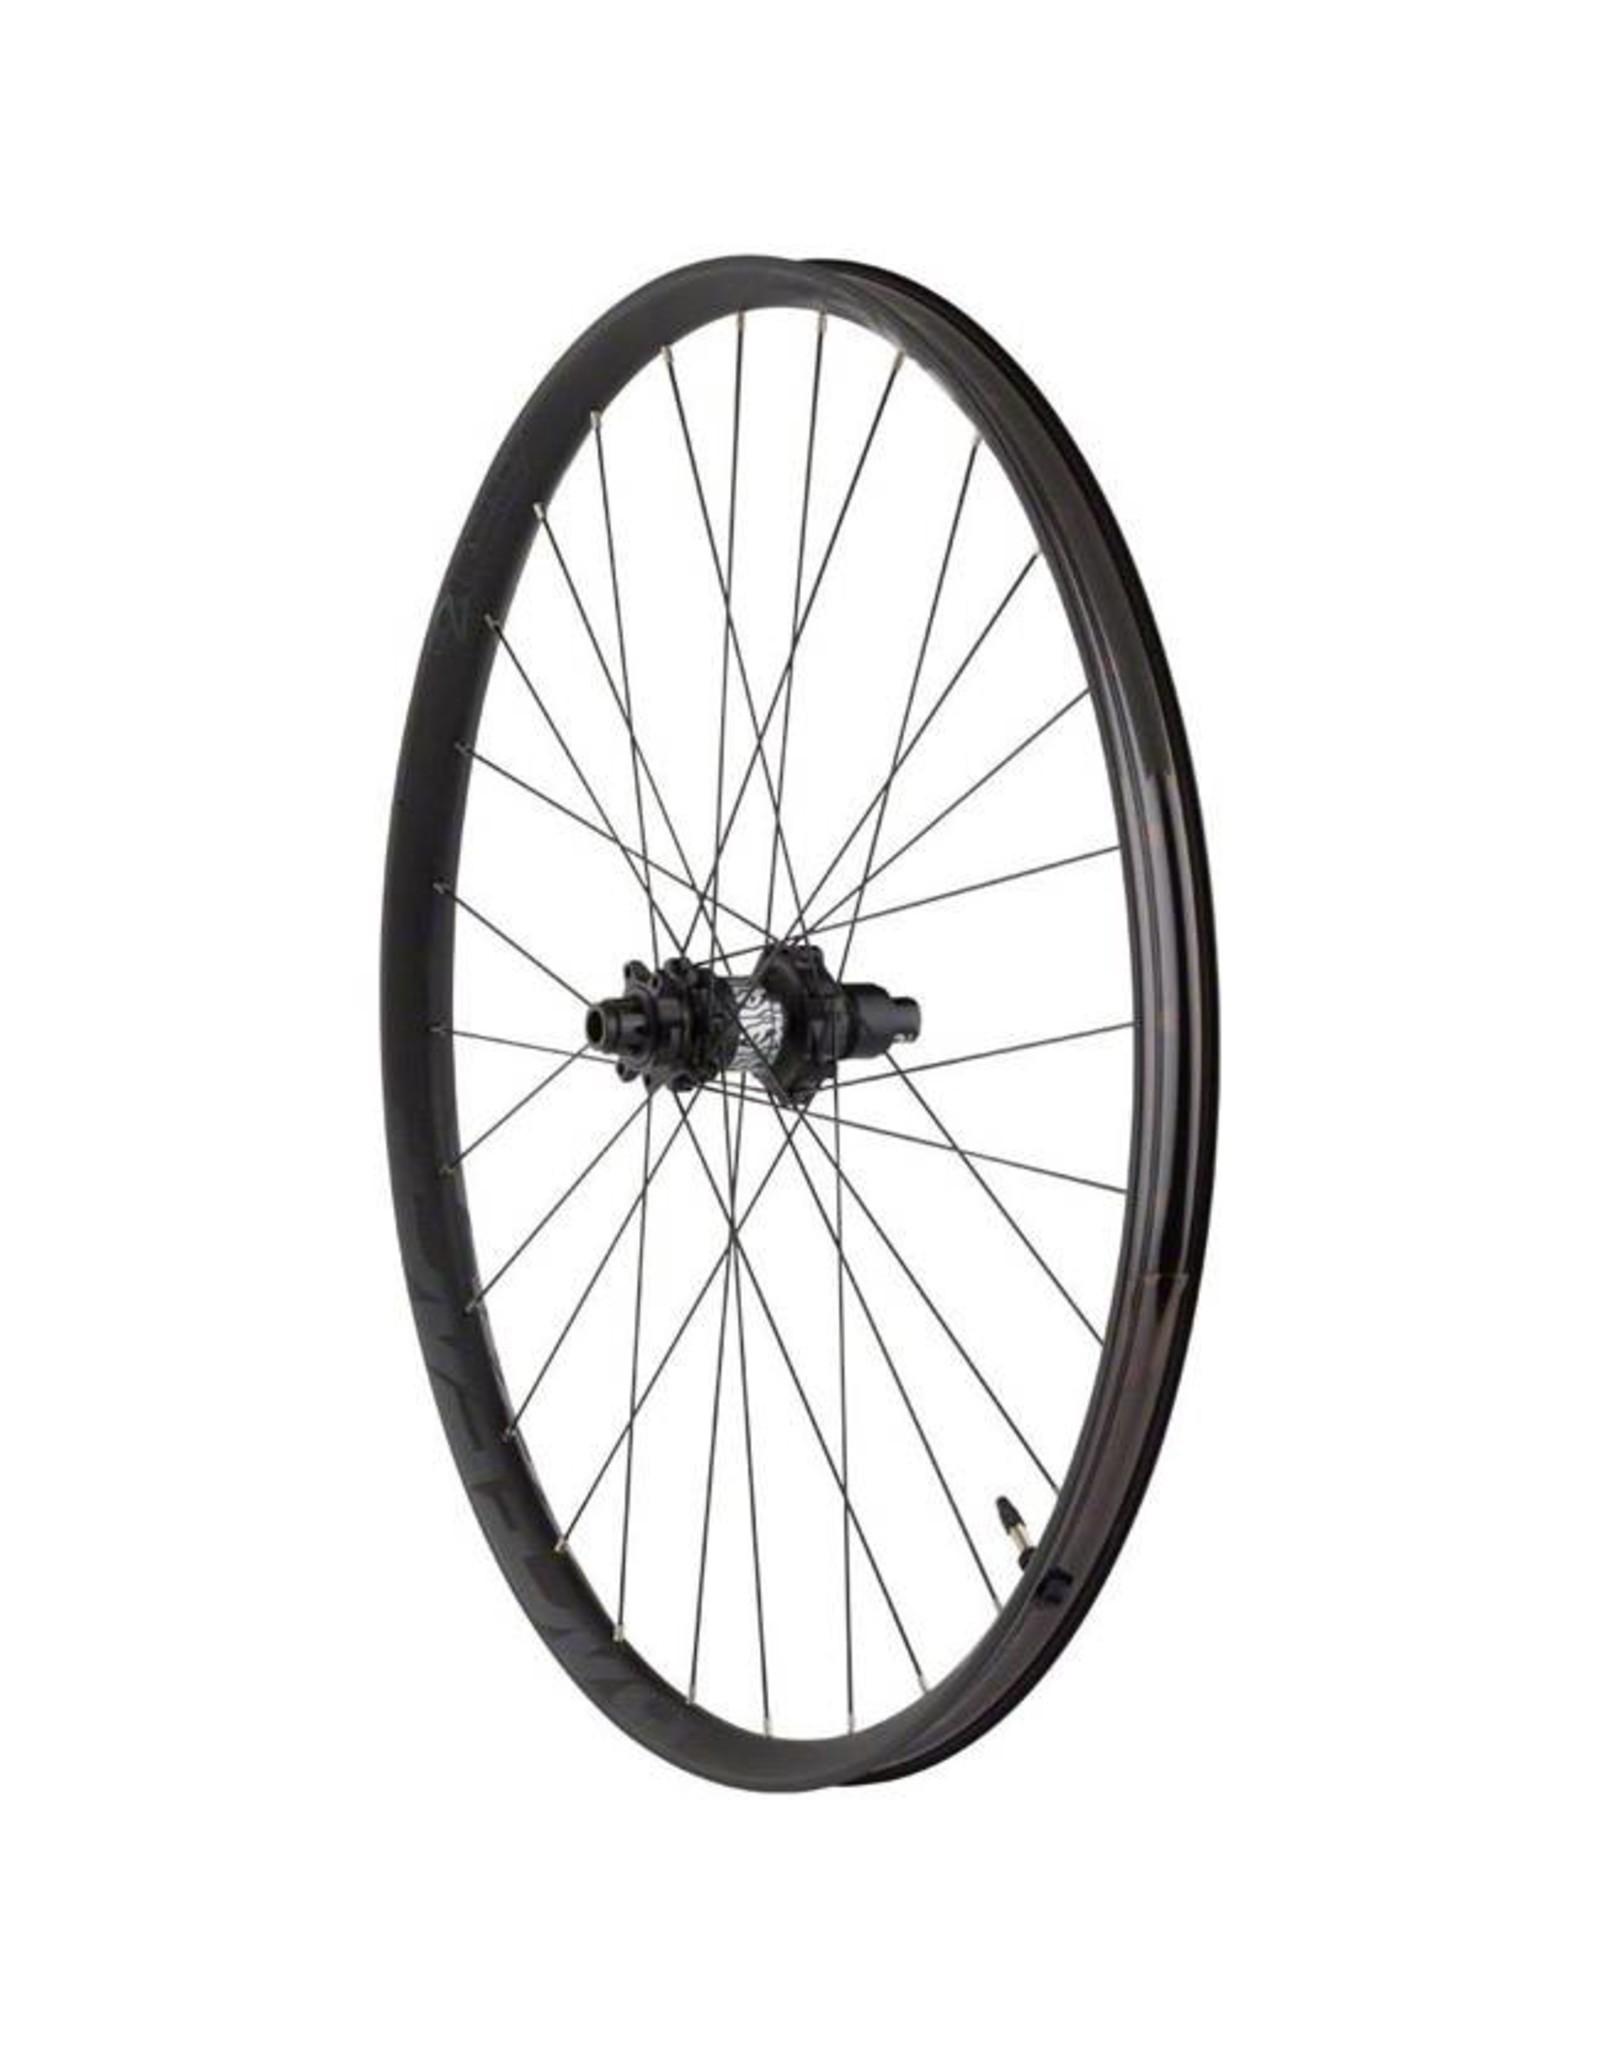 """RaceFace RaceFace Aeffect R Rear Wheel: 27.5"""", Alloy Rim, 12 x 148mm Thru Axle, SRAM XD Freehub"""